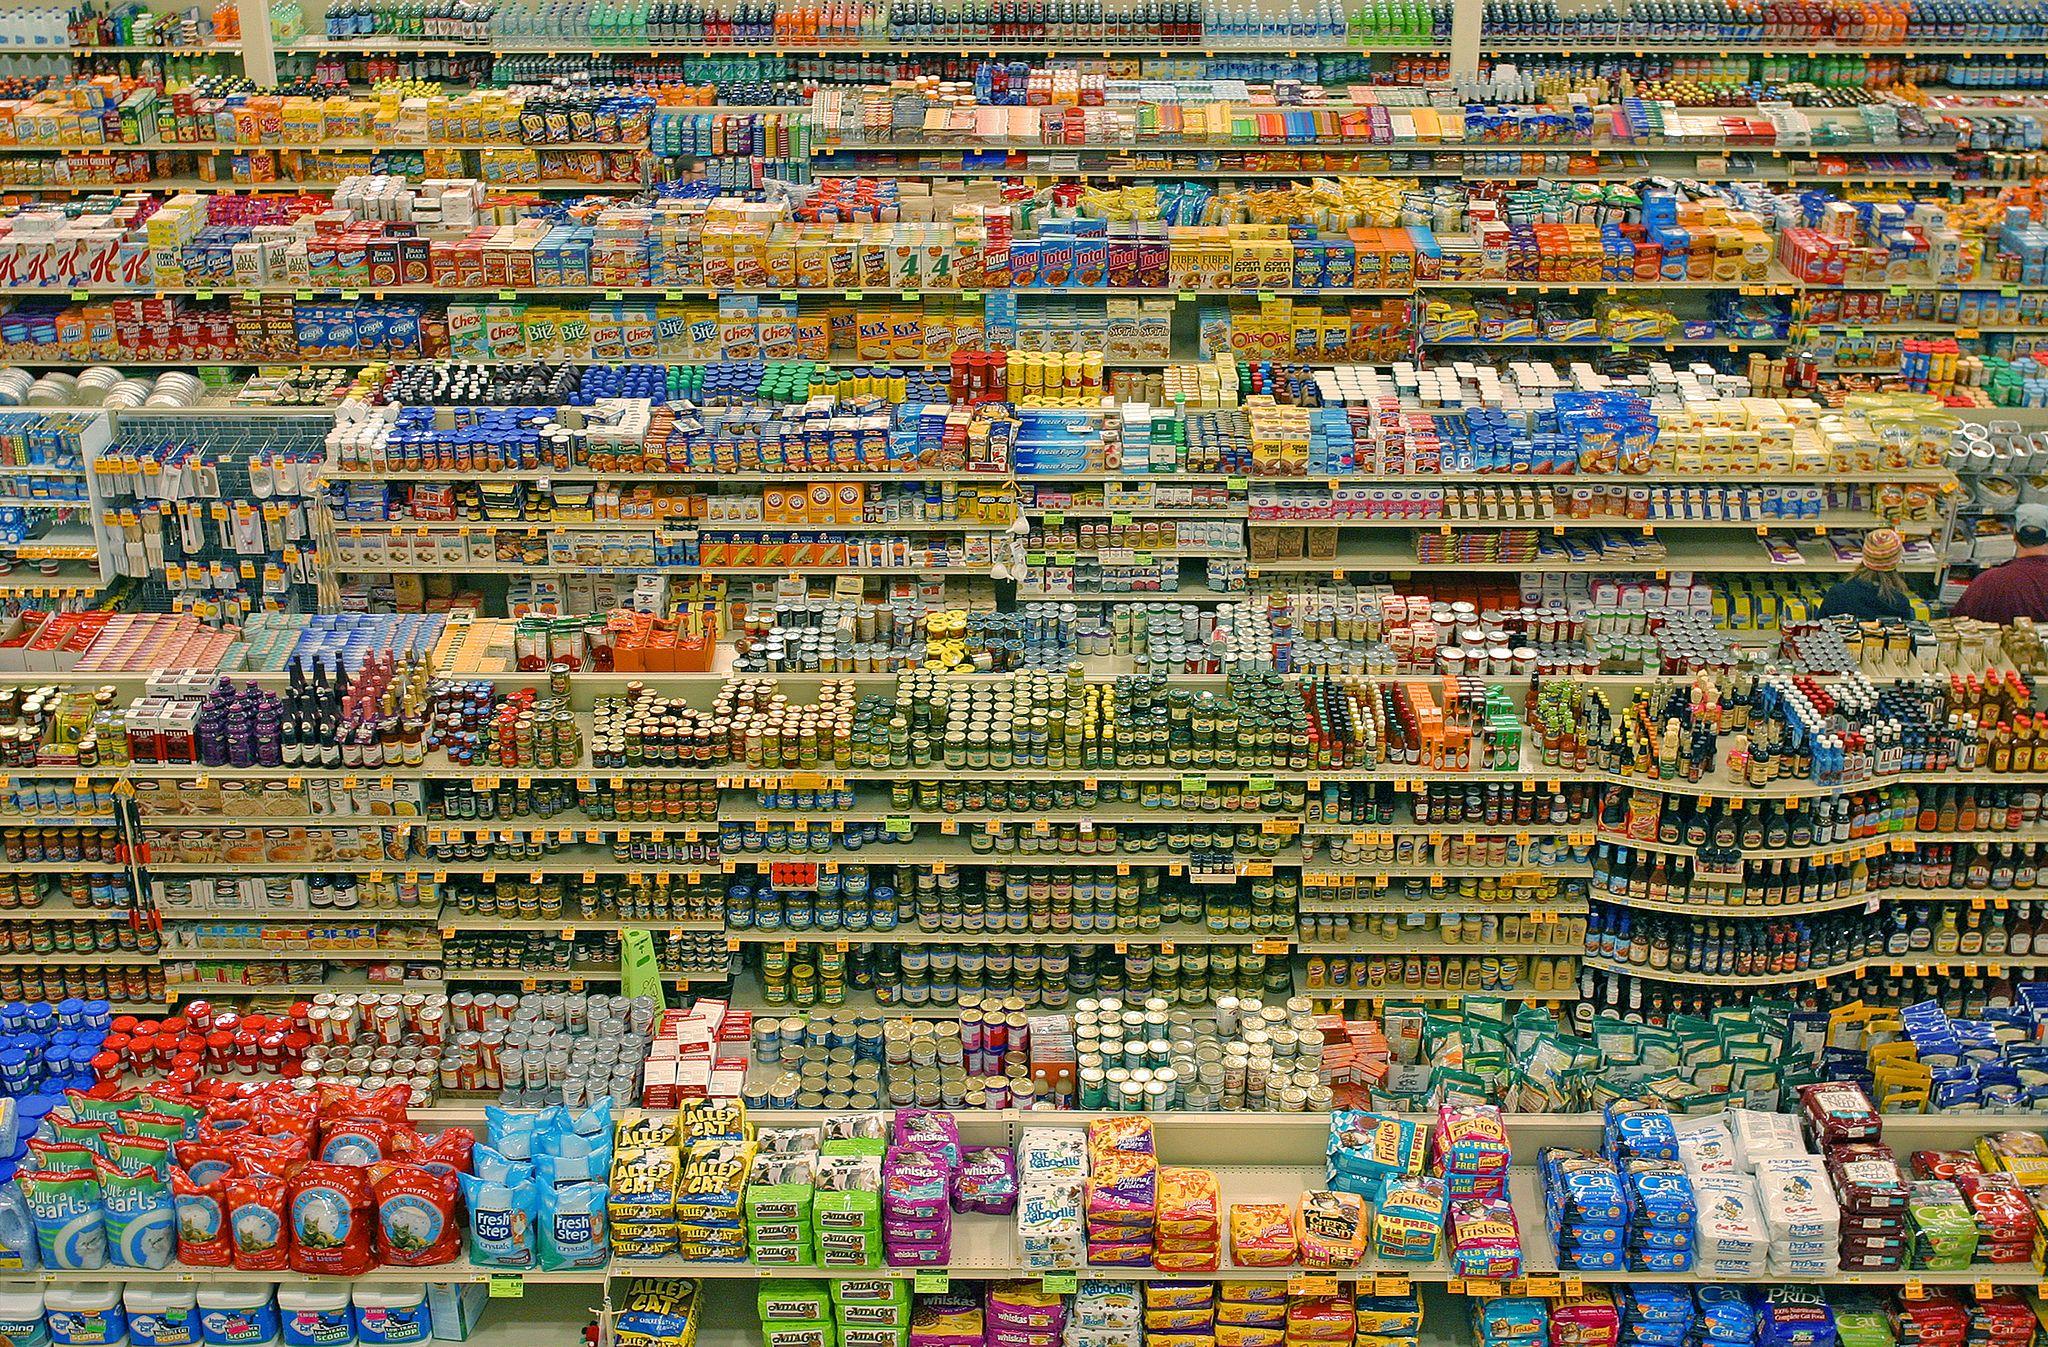 floor sensors, retail